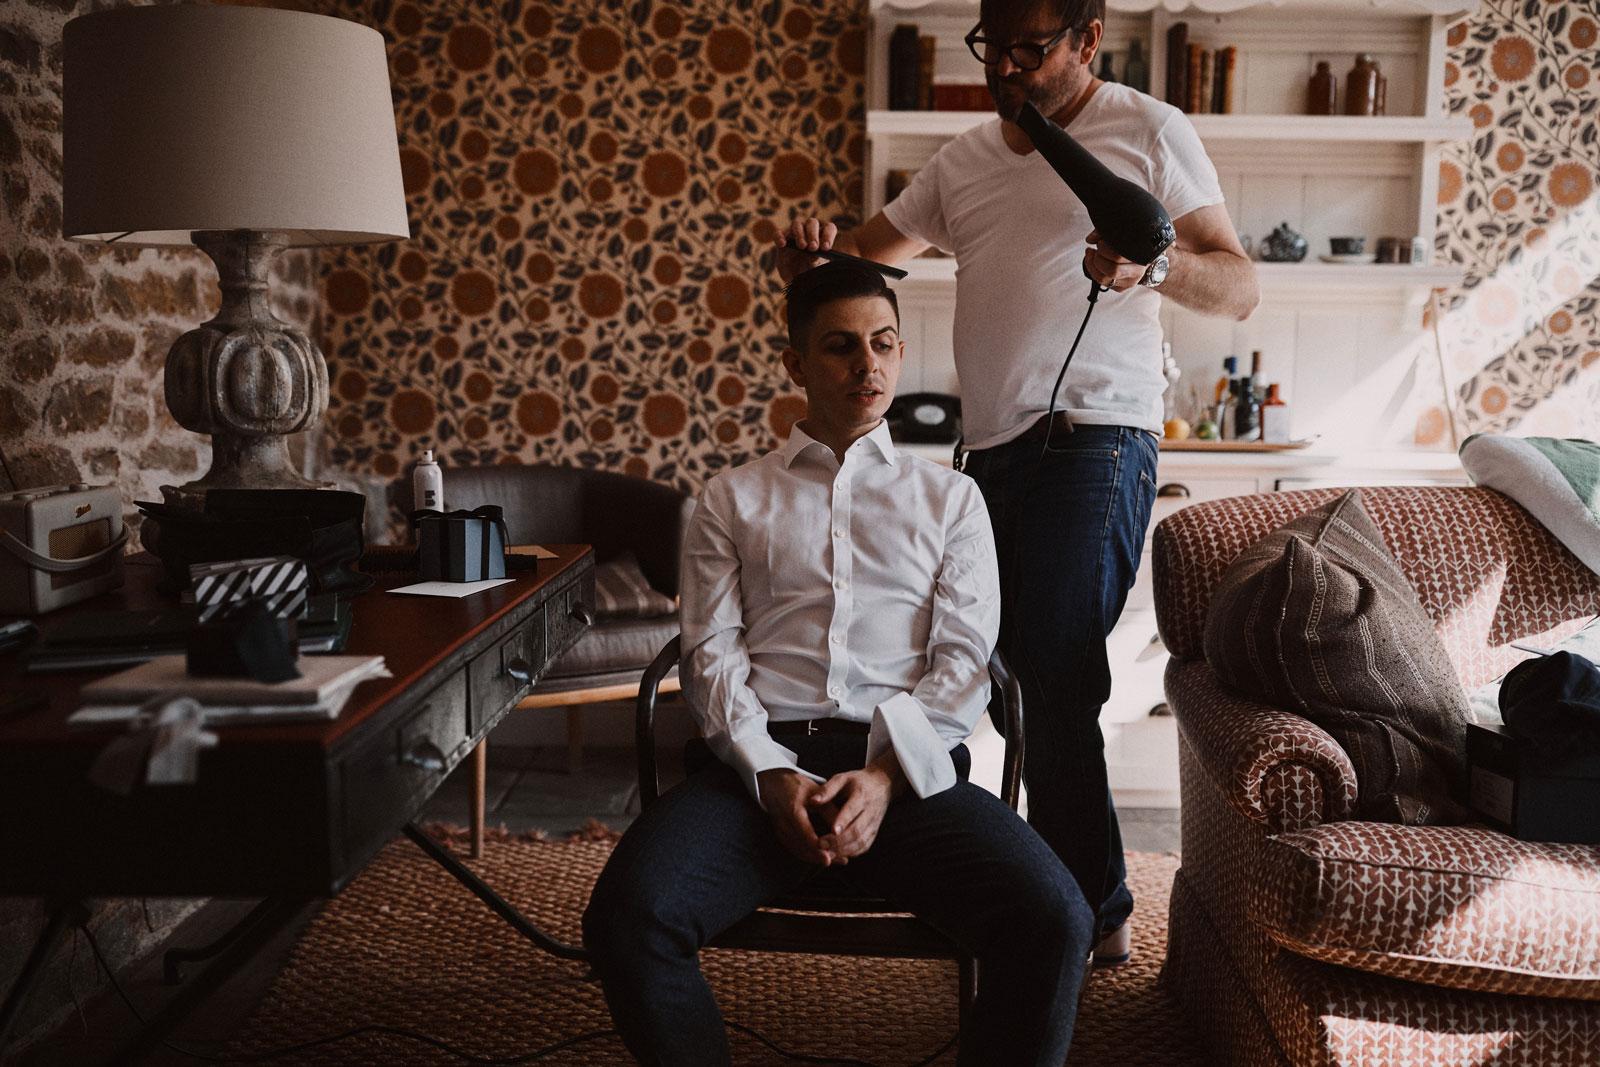 Groom, Grooms, being a groom, groomsmen, groom to be, groom style, style groom, groom styling, groom photography, wedding day